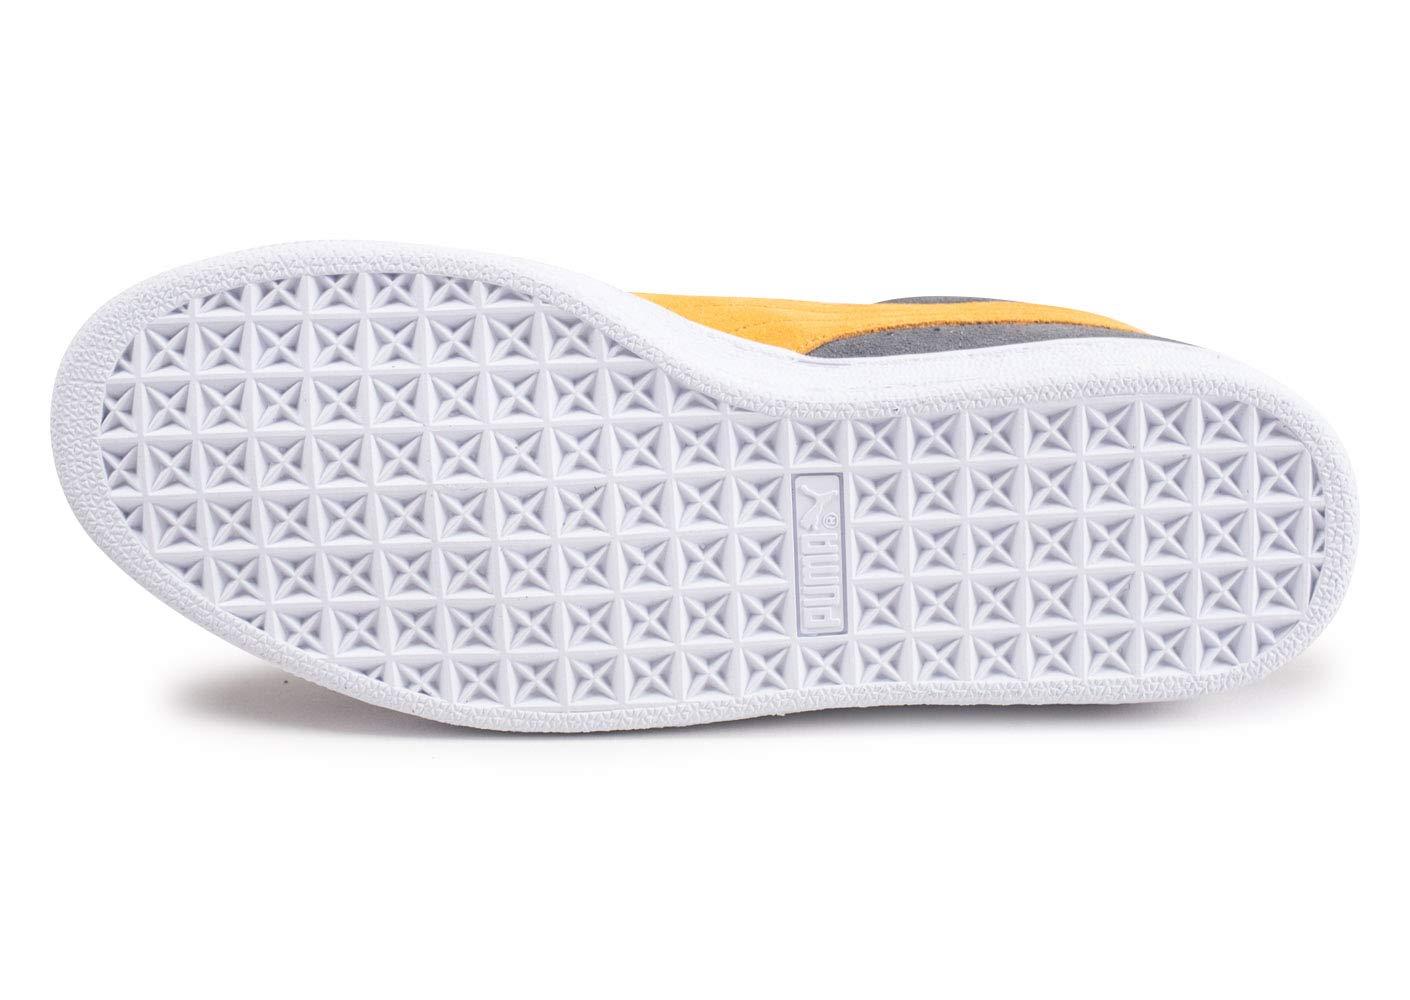 Puma Unisex-Erwachsene Gate/Buckthorn Suede Classic Sneaker, Iron Gate/Buckthorn Unisex-Erwachsene Braun 98cada